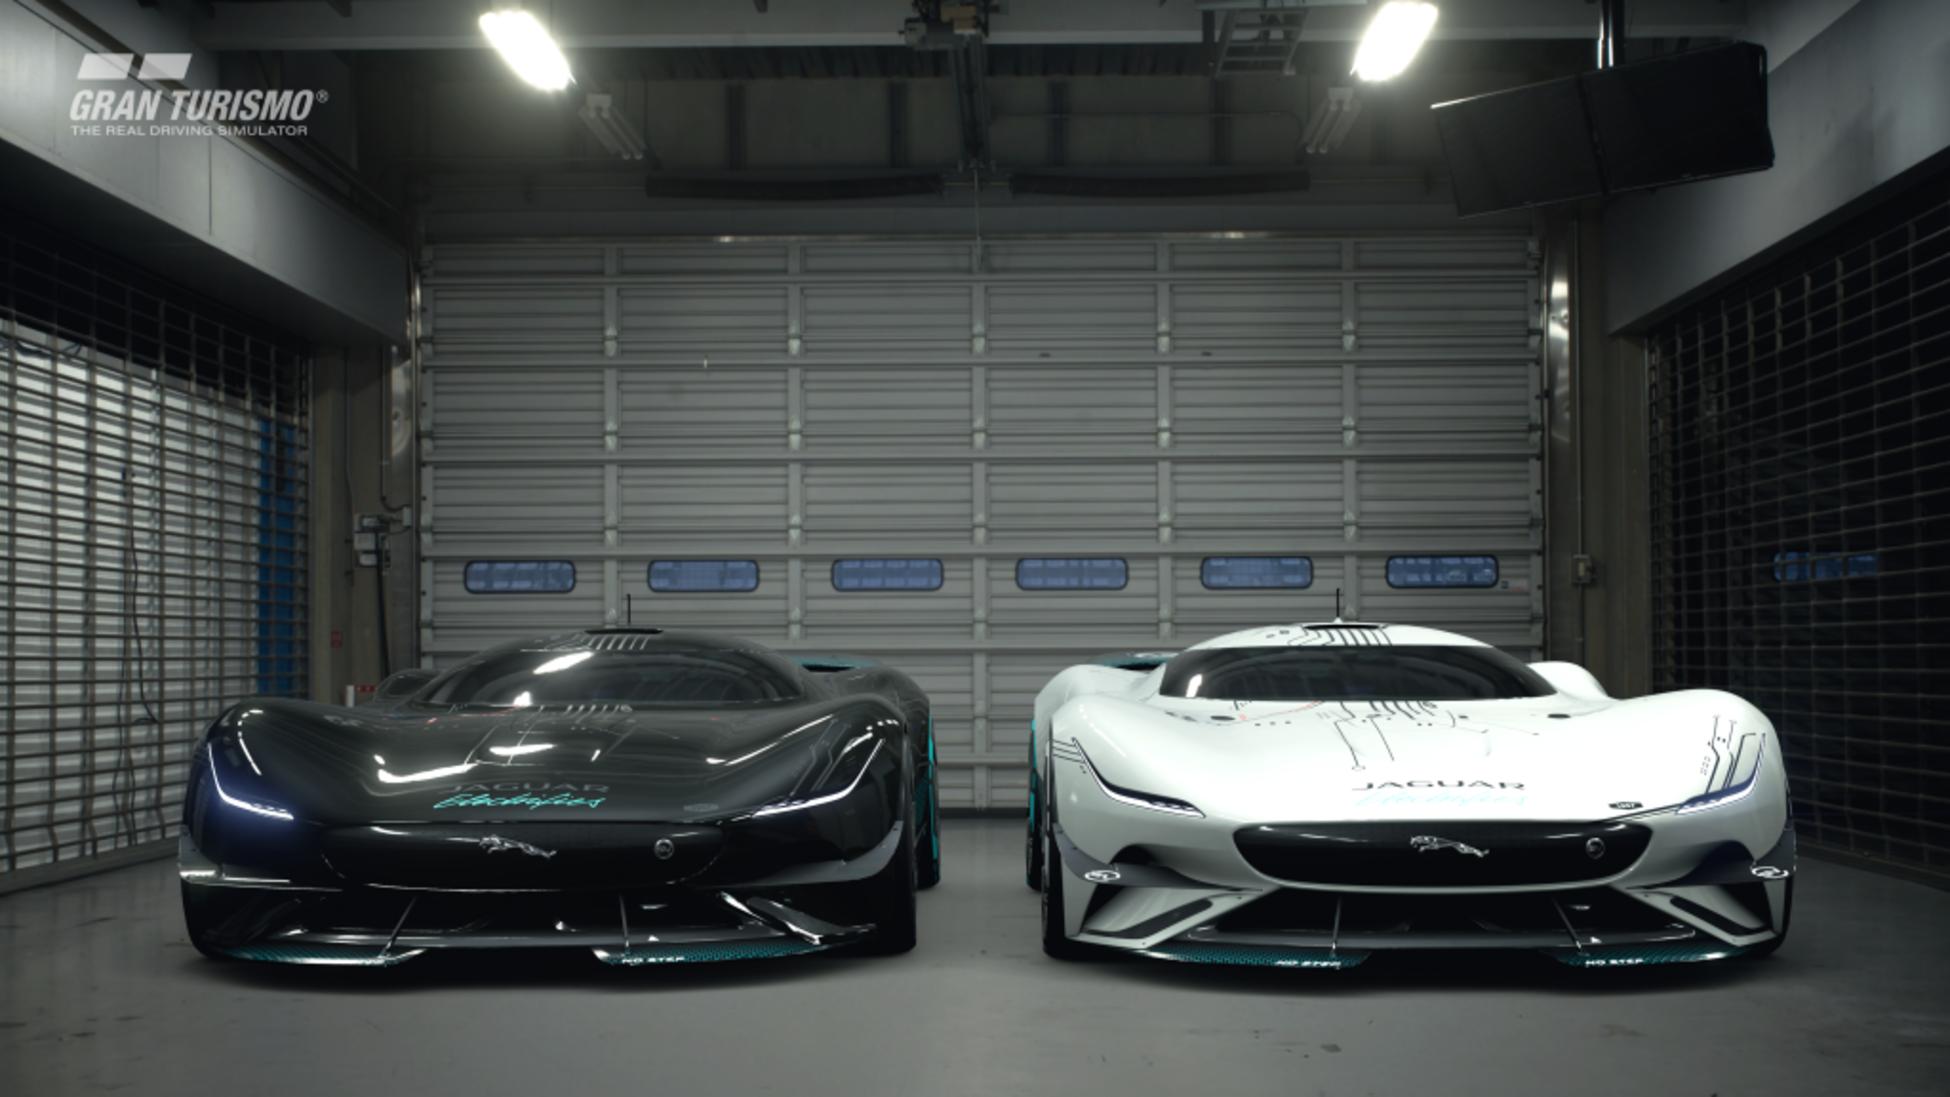 Jaguar ha presentato&nbsp;la Vision Gran Turismo SV: l&rsquo;auto da corsa virtuale interamente elettrica progettata da Jaguar e ingegnerizzata da Jaguar SV per le gare endurance del videogioco Gran Turismo<br /><br />  &middot; Evoluzione emotiva: sviluppata sulla base dell&rsquo;attuale Jaguar Vision Gran Turismo Coup&eacute;, questa vettura offre eccellenti livelli di prestazioni, trazione e stabilit&agrave; anche nelle condizioni pi&ugrave; estreme &middot; Design ideato nel mondo reale: modello in scala reale costruito da Jaguar Design che mostra la pi&ugrave; radicale interpretazione mai realizzata di una sportiva Jaguar interamente elettrica<br /> &middot; Ingegneria virtuale: la Vision Gran Turismo SV &egrave; stata completamente ingegnerizzata nel mondo virtuale, in cui &egrave; stata testata, collaudata e aerodinamicamente ottimizzata attraverso l&rsquo;uso di strumenti di simulazione all&rsquo;avanguardia<br /> &middot; Tecnologia Jaguar Formula E: quattro motori elettrici sviluppati da Jaguar Racing in grado di erogare 1.093 CV (1.400 kW) di potenza, che consentono alla vettura di accelerare da 0 a 96 km/h in appena 1,65 secondi e di raggiungere una velocit&agrave; massima di oltre 410 km/h<br /> &middot; Celebrazione del retaggio Jaguar nelle competizioni sportive: la Jaguar Vision GT SV combina alcuni tratti stilistici delle iconiche C-type, D-type, XJR-9 con quelli dell&rsquo;estrema XJR-14, abbinati per l&rsquo;occasione con innovative tecnologie futuristiche per dare vita alla migliore auto da corsa Jaguar destinata ai giocatori di tutto il mondo<br /> &middot; Per Gran Turismo: la Jaguar Vision Gran Turismo SV sar&agrave; disponibile su Gran Turismo nel 2021<br /><br />